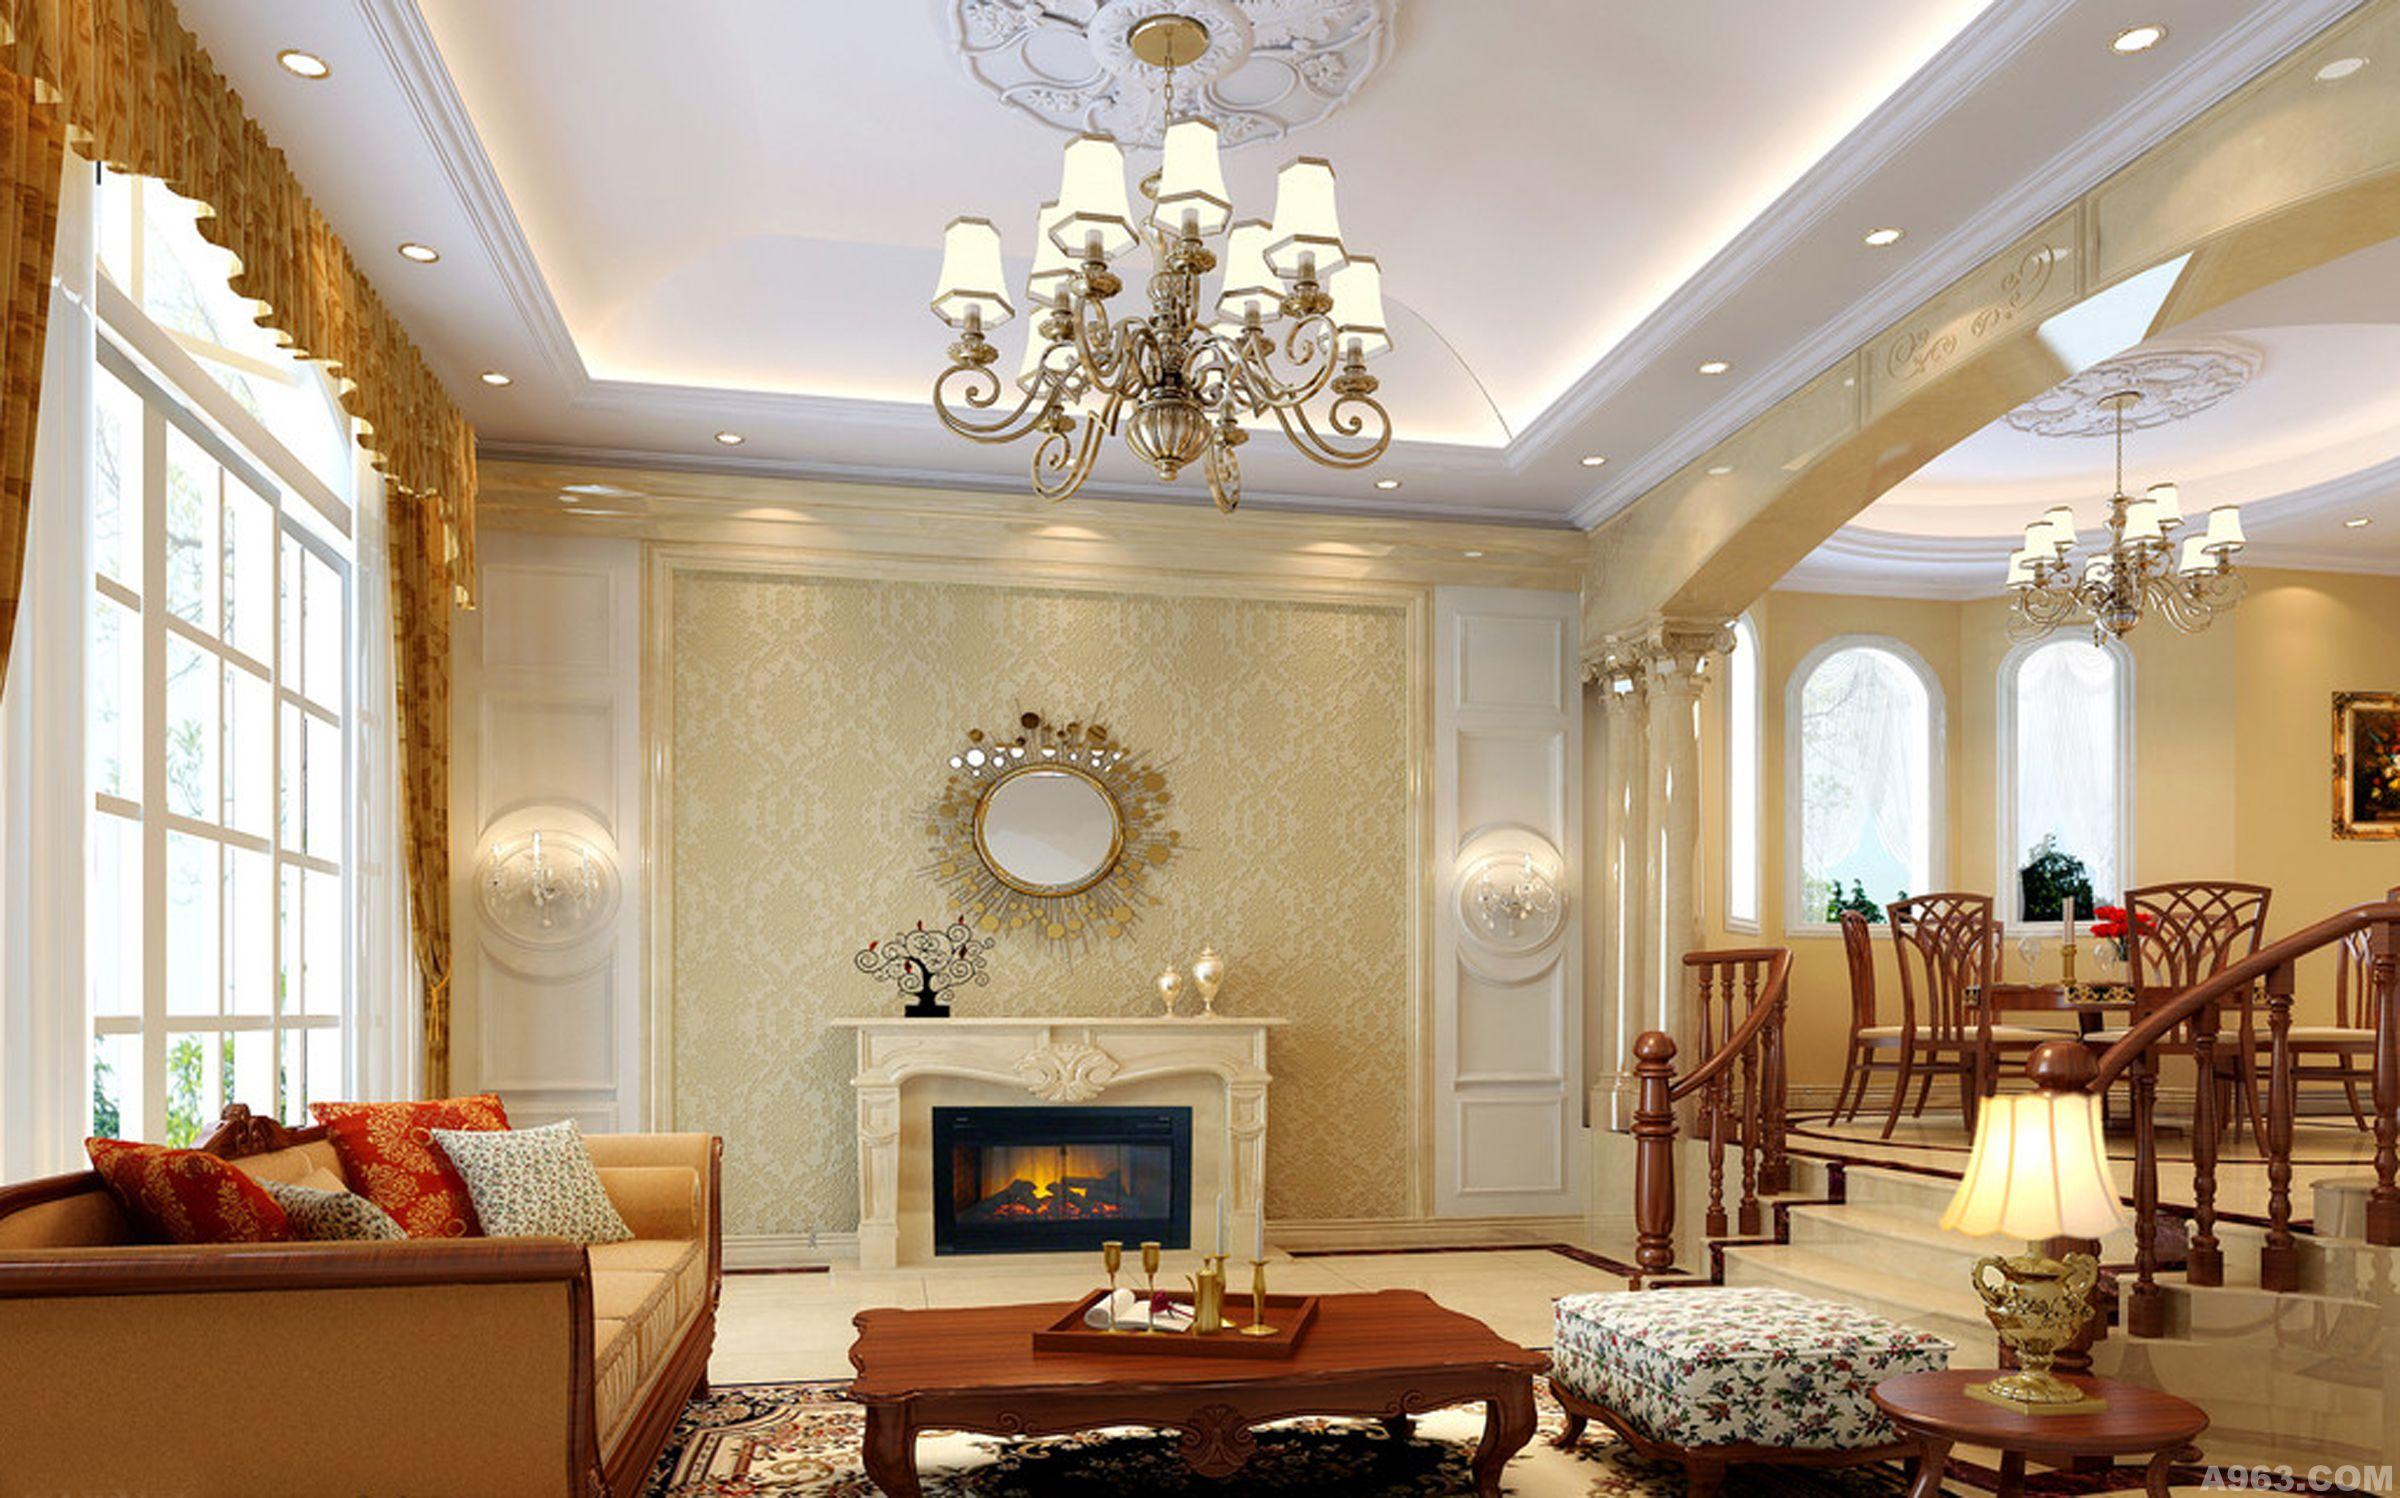 三层豪华别墅图纸 别墅建筑施工图效果图水电图设计 建筑设计装修设计